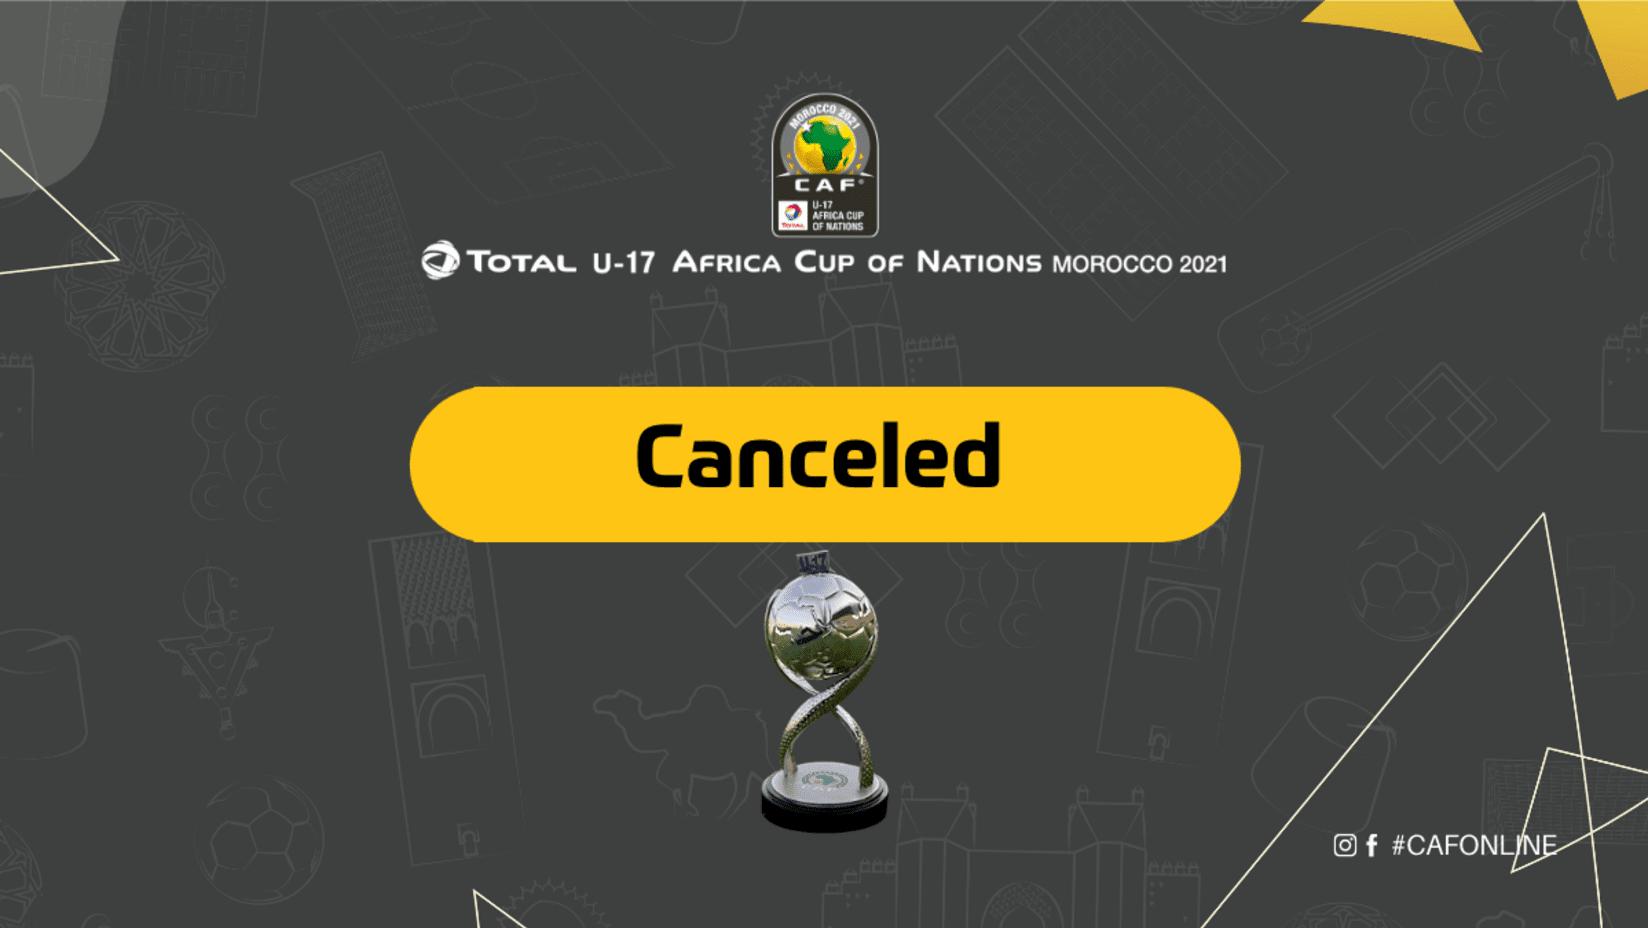 الكونفدرالية الإفريقية لكرة القدم تلغي كأس إفريقيا لأقل من 17 سنة